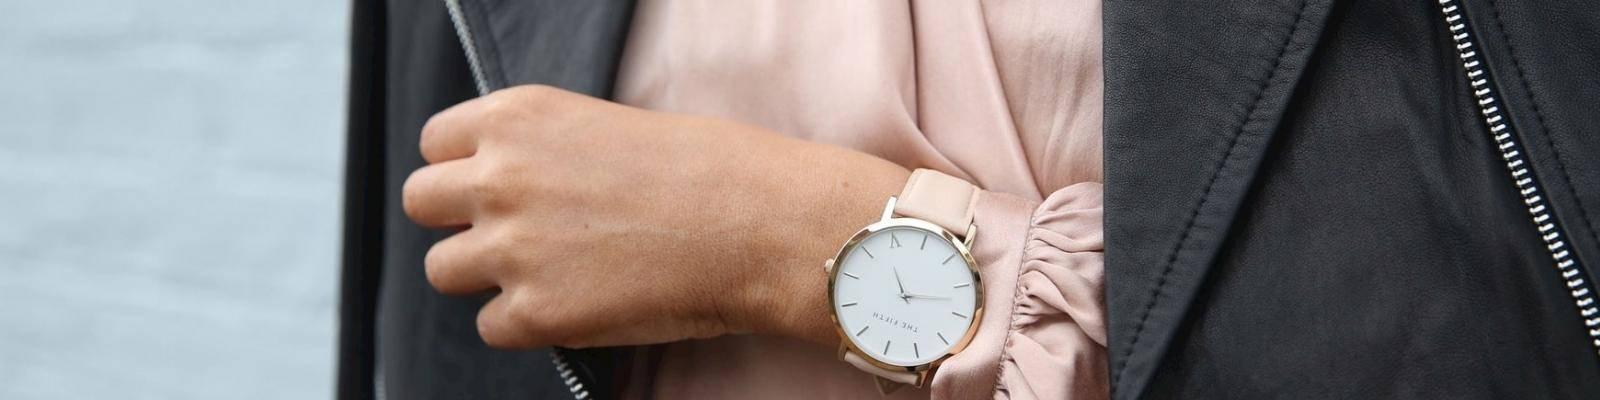 Vrouw met horloge